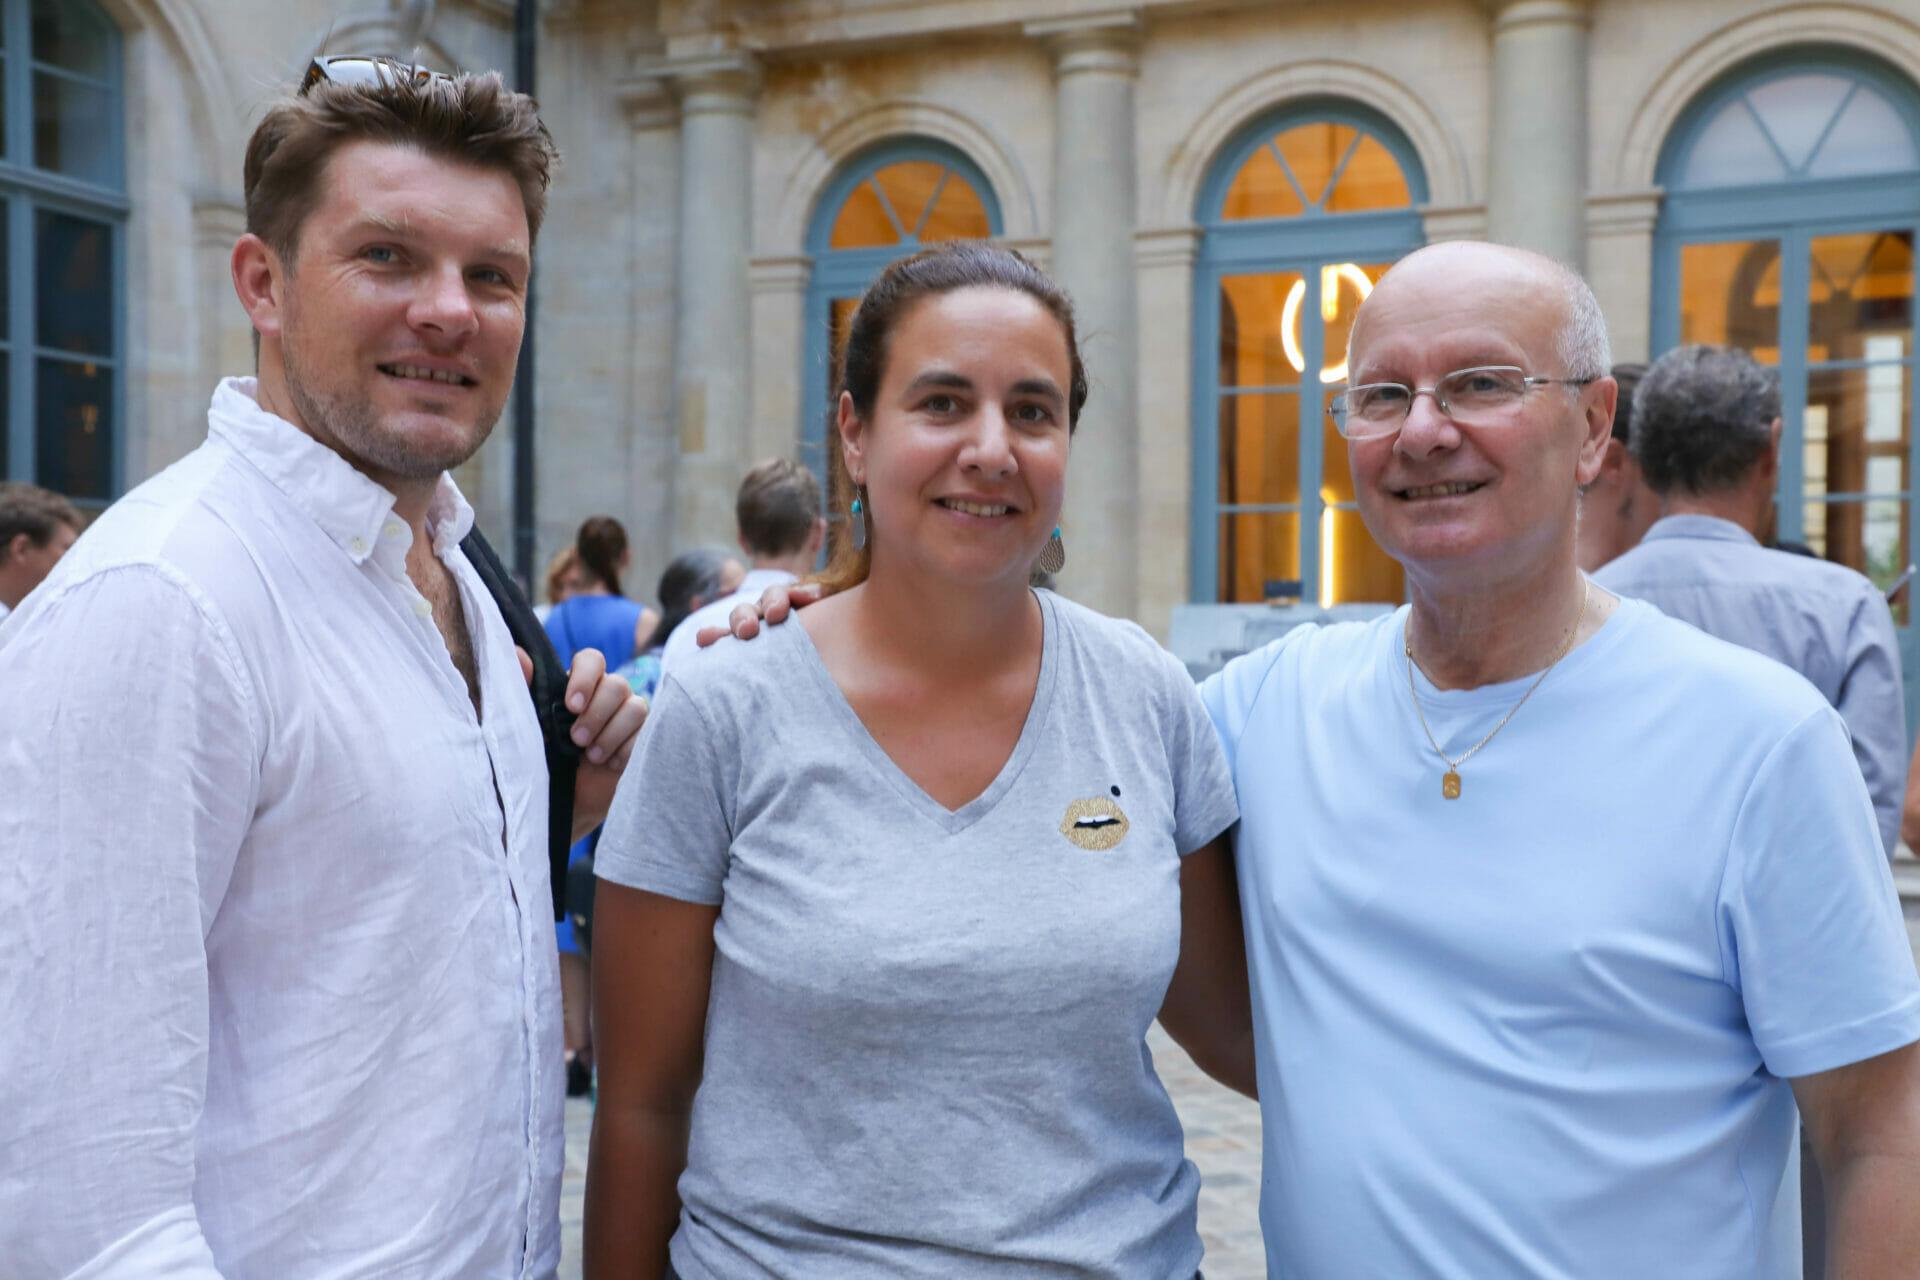 Beside Sport - La Colonne Vendôme prise sous tous les angles - Le ténor Stanislas de Barbeyrac, sa belle-soeur Anne de Barbeyrac Directrice de la Banque Swiss Life et Jean-François Fortchantre (De gauche à droite) -